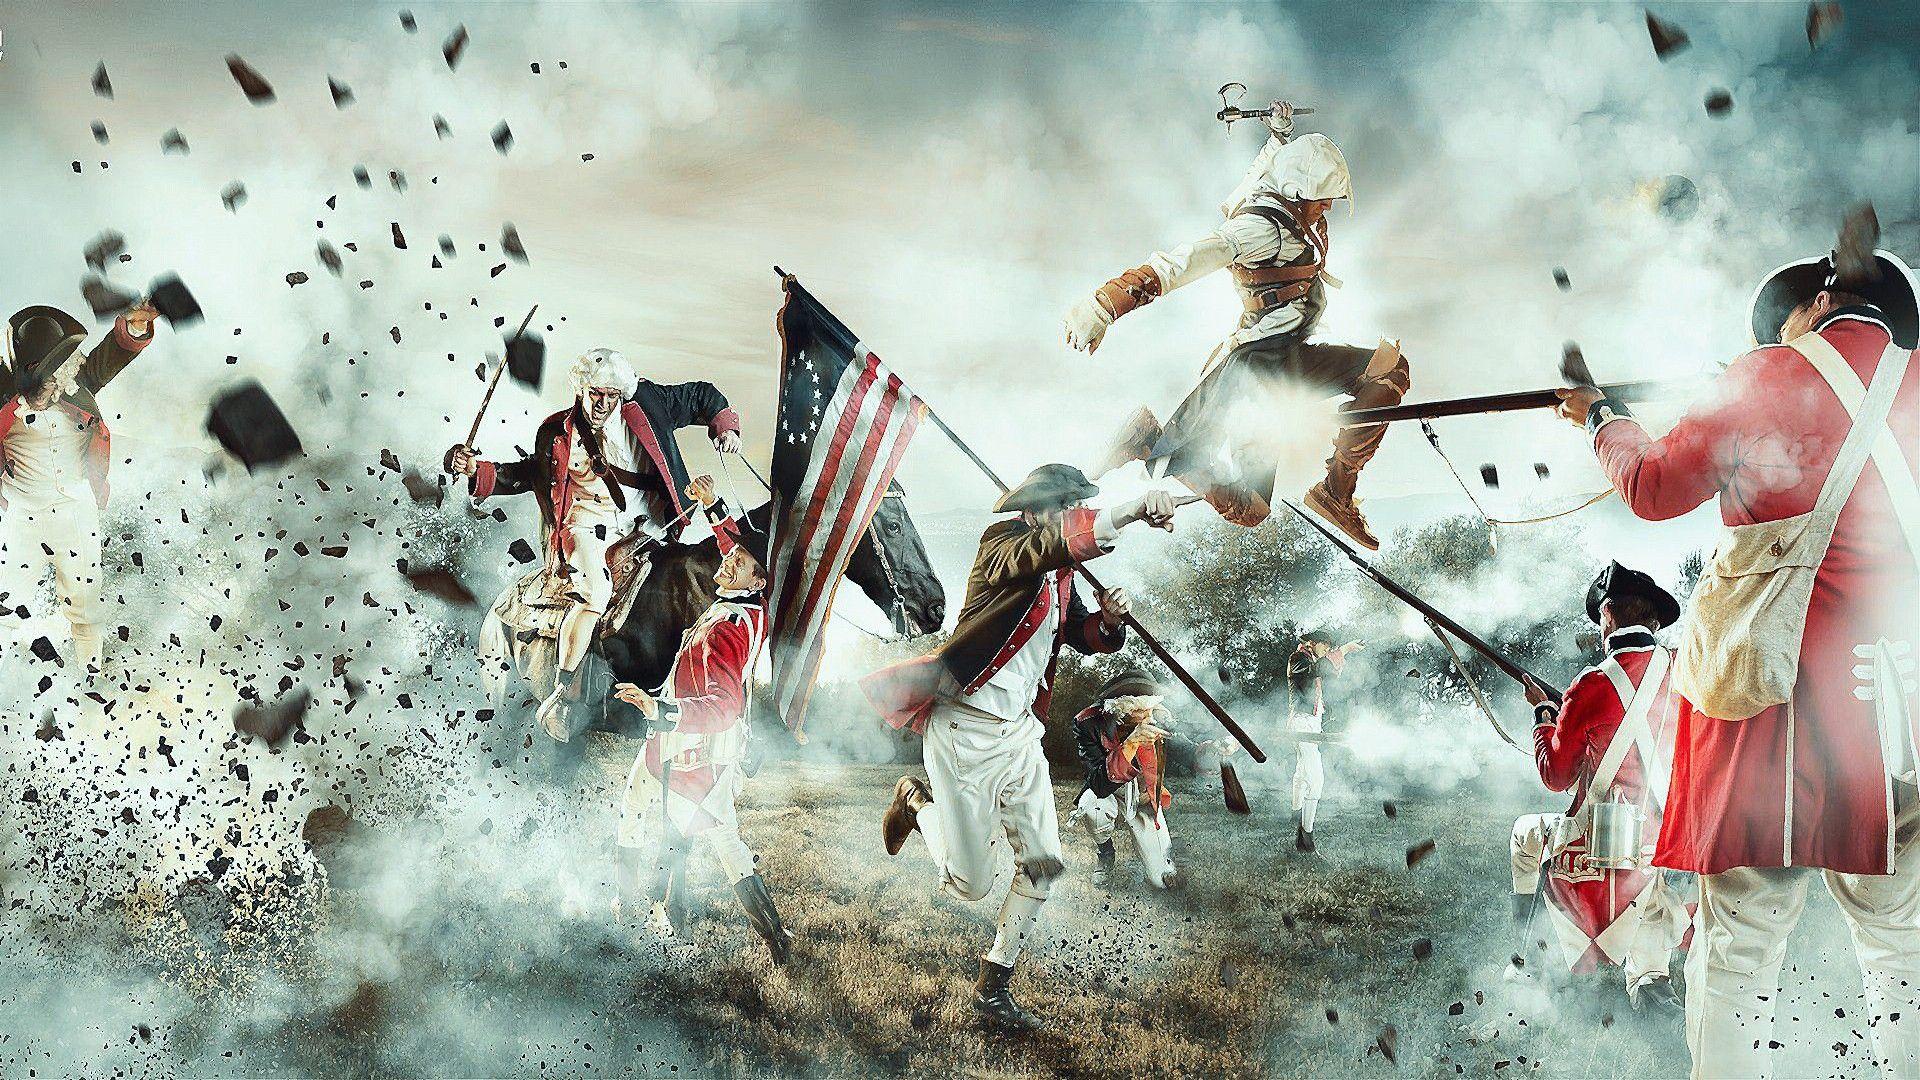 Assassin Creed 3 Wallpaper